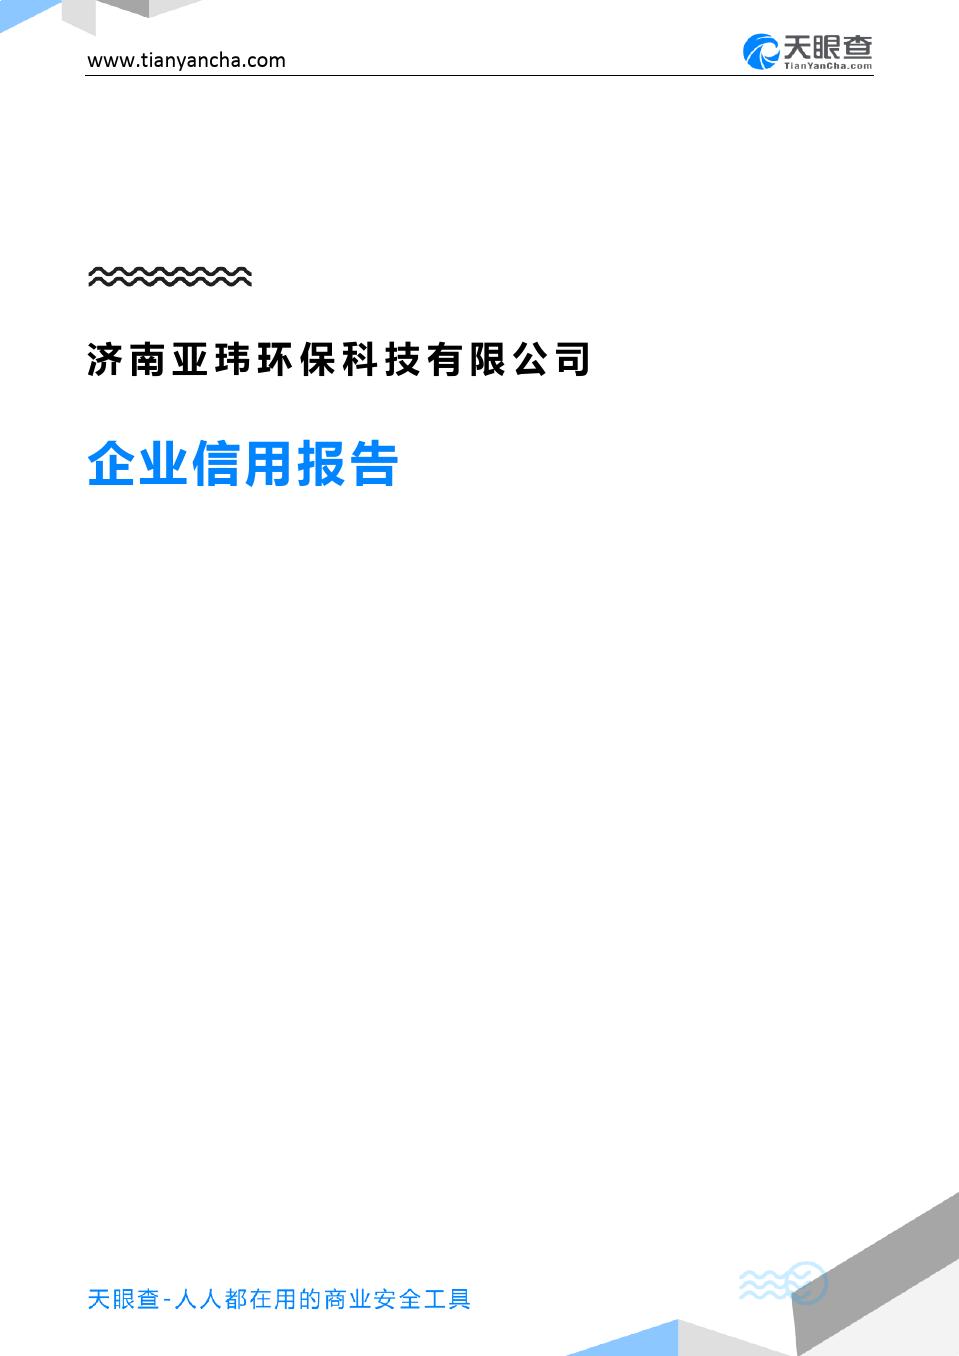 济南亚玮环保科技有限公司(企业信用报告)- 天眼查